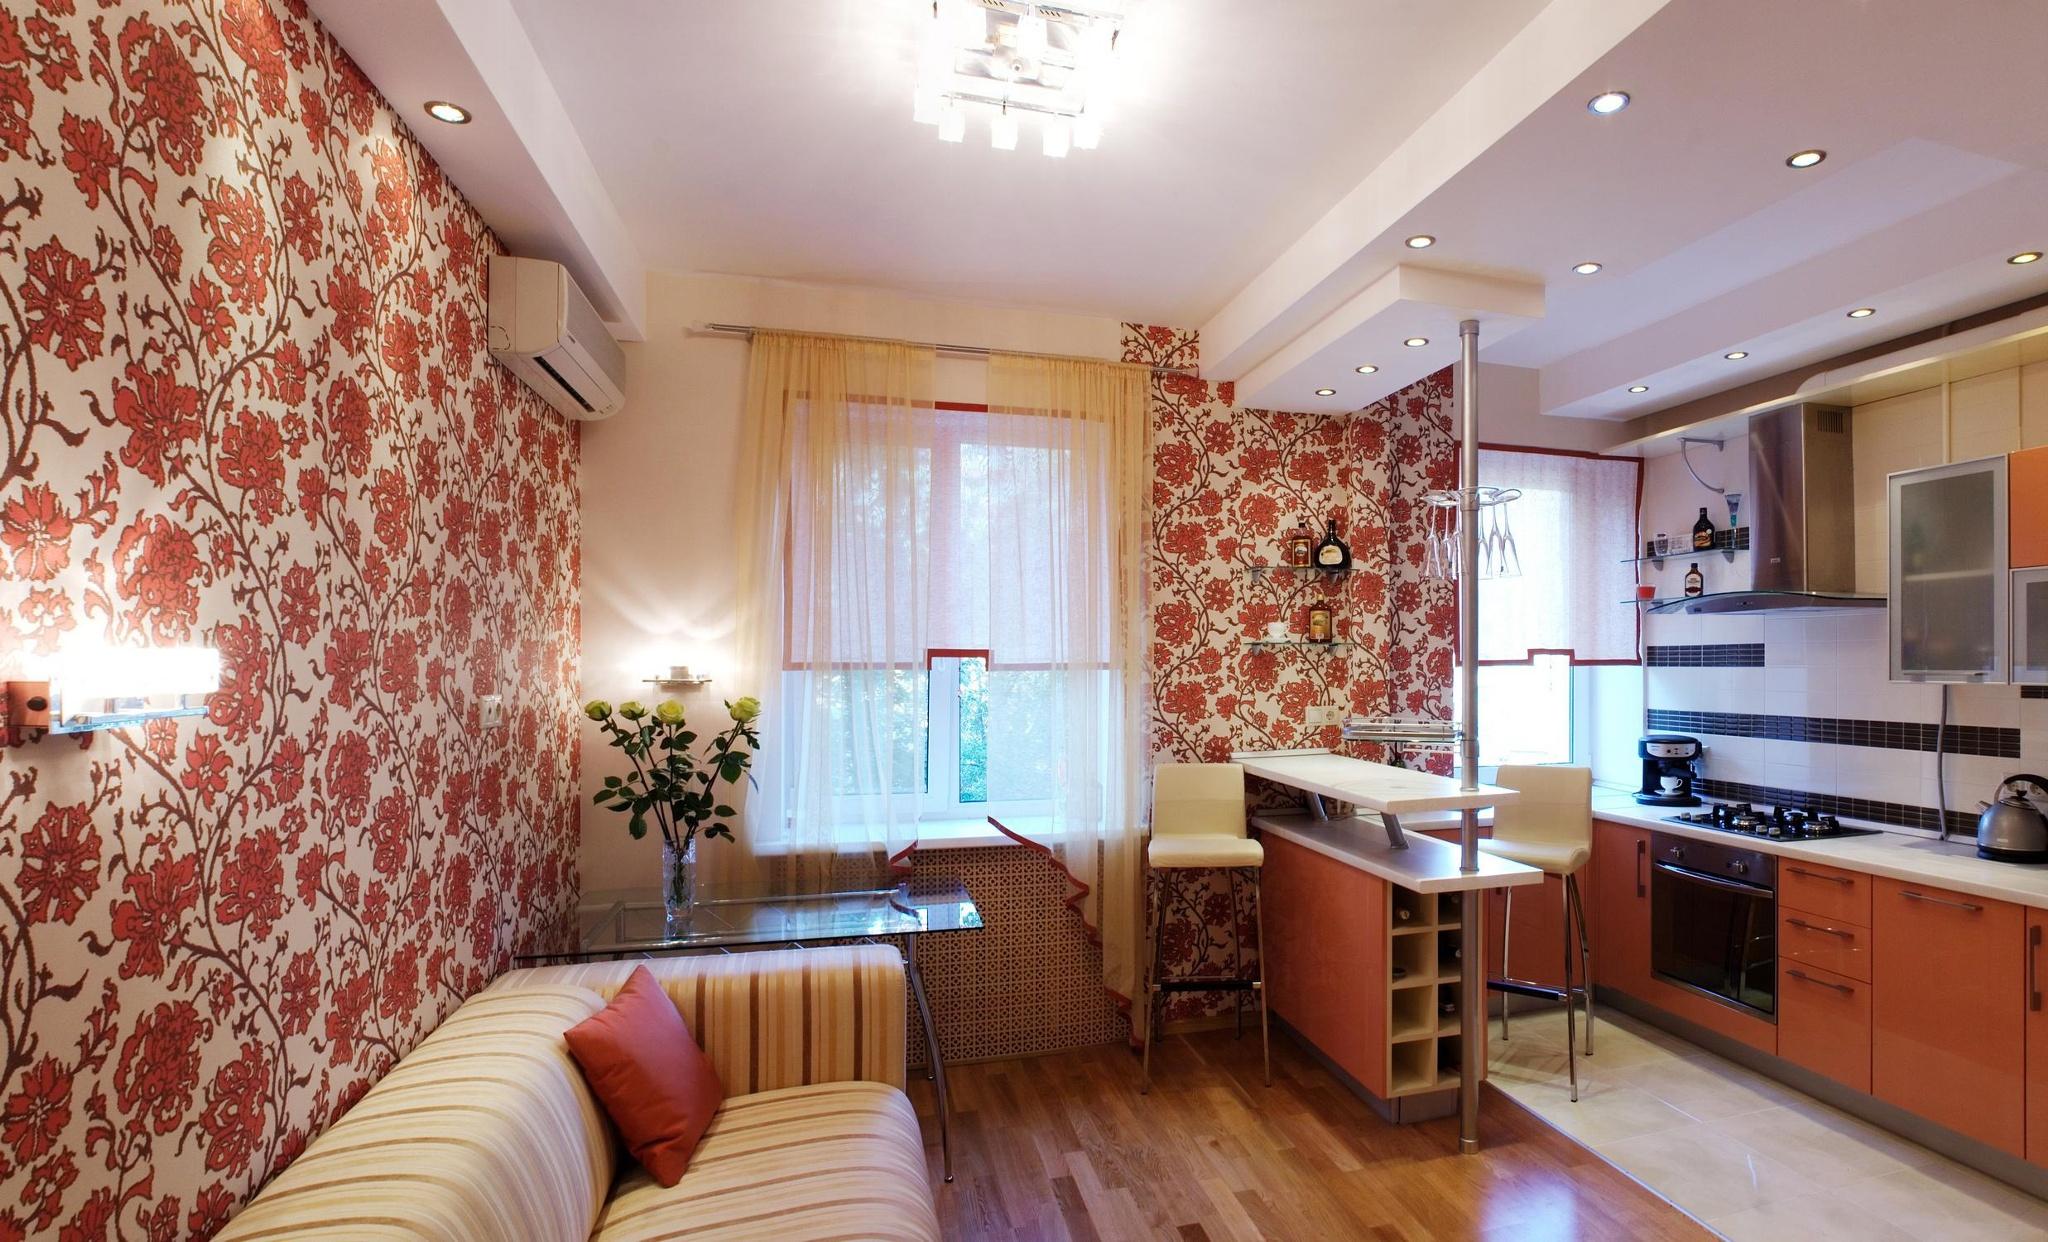 Дизайн кухня зал с фотообоями фото